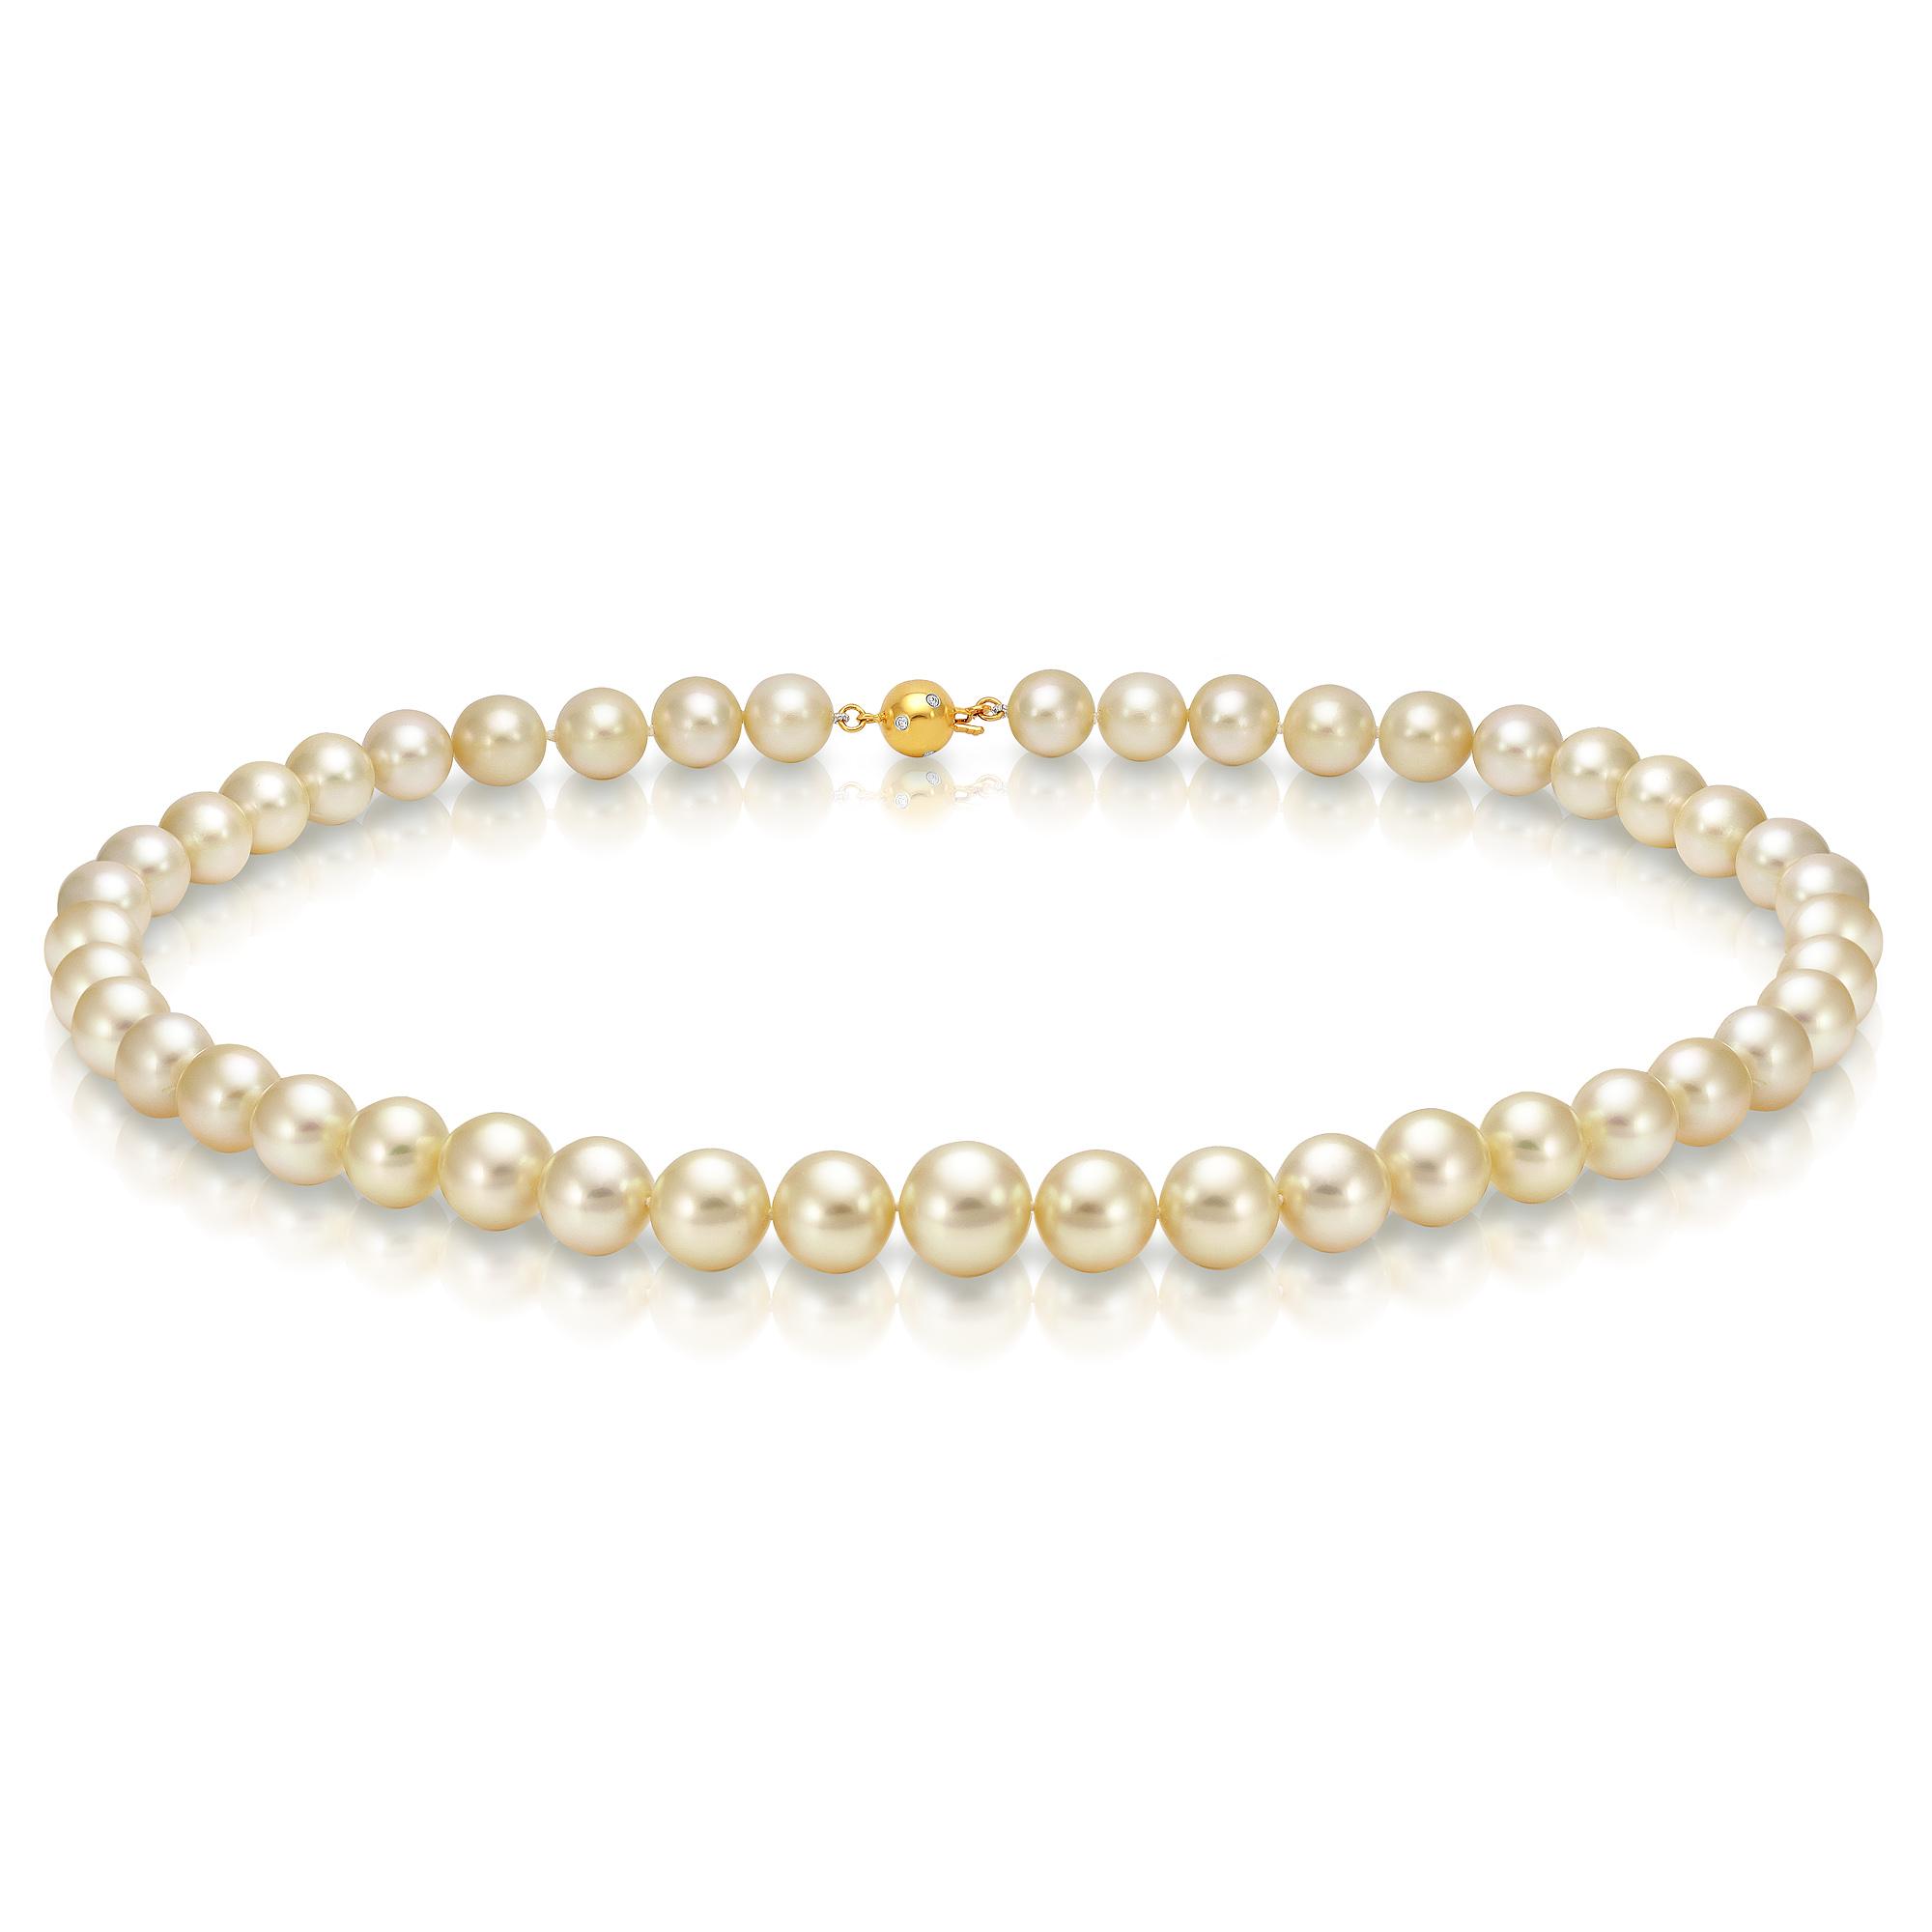 Ожерелье из золотого морского Австралийского жемчуга 10-12,1 мм